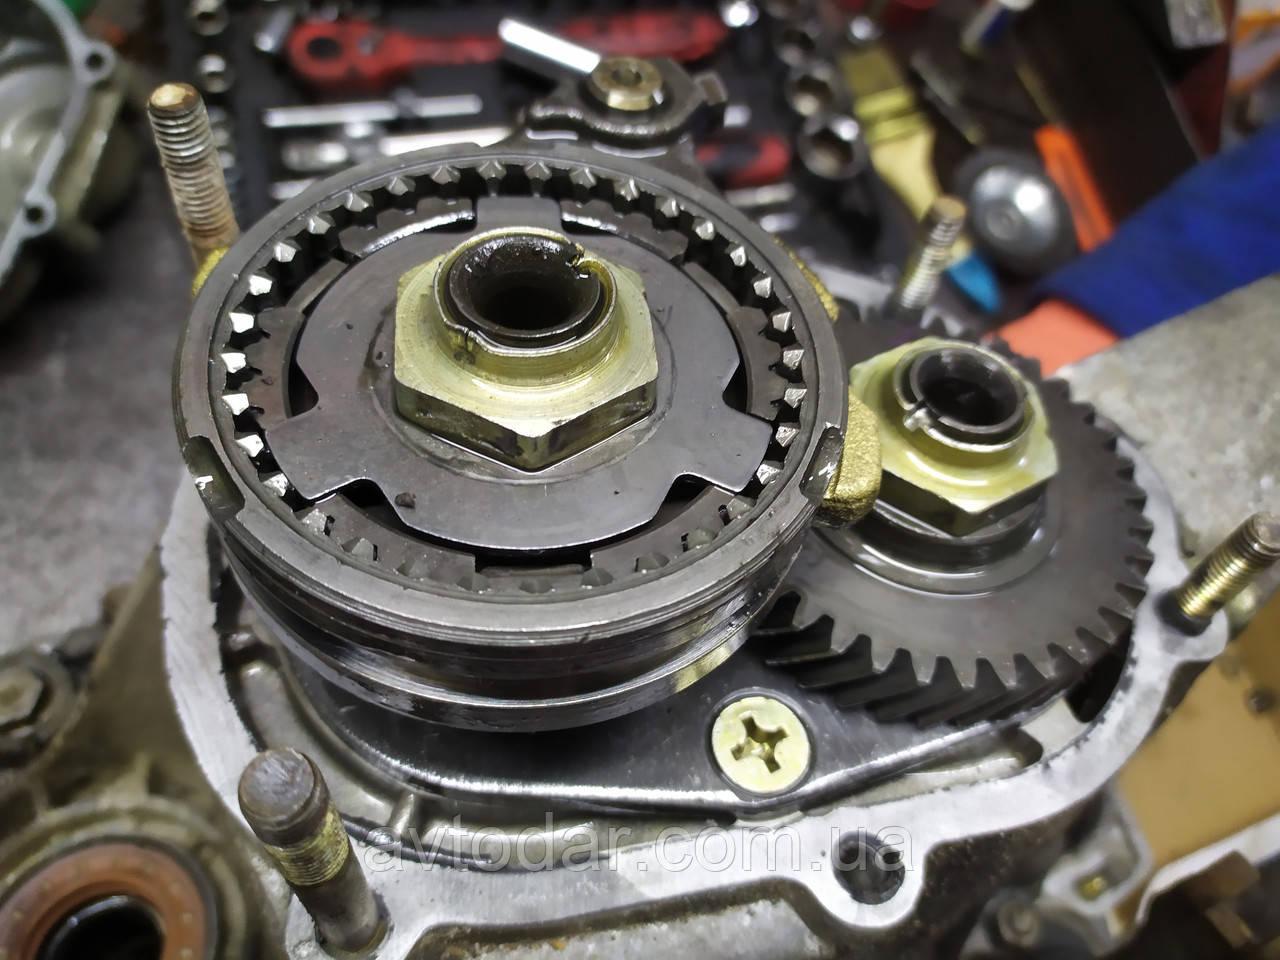 Chevrolet Lacetti Ремонт Коробки Передач Заміна зчеплення